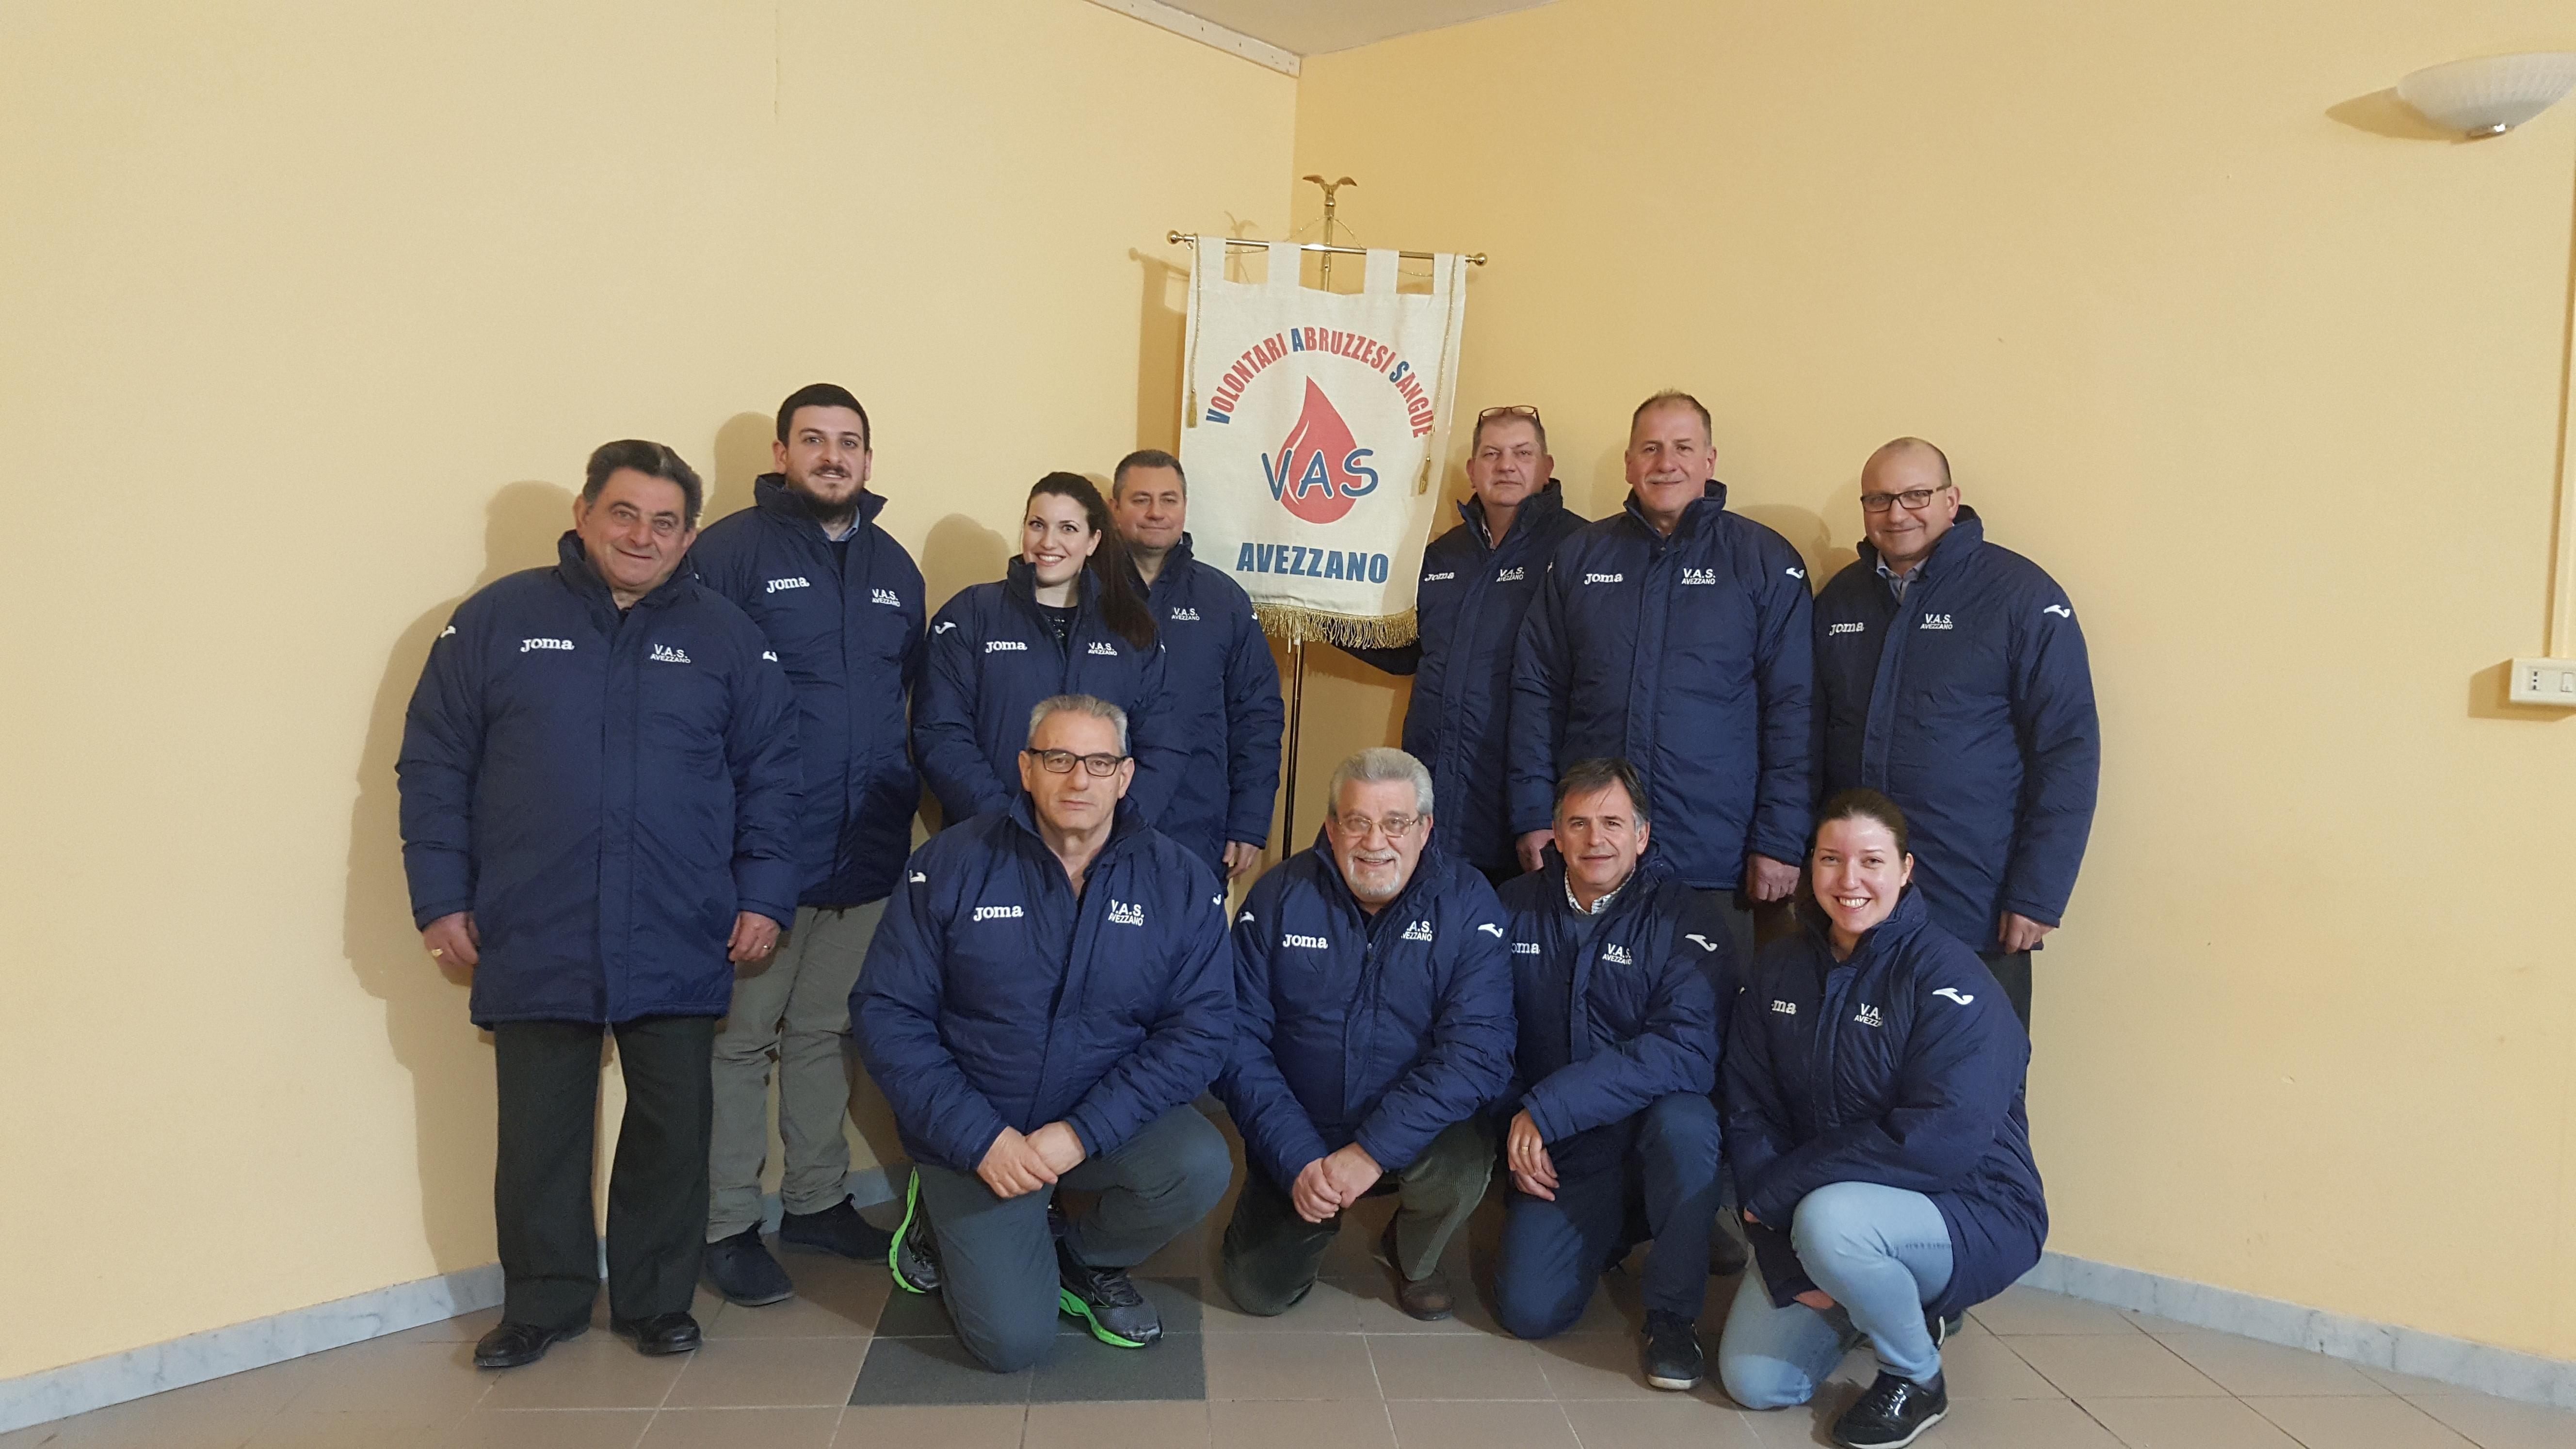 Vas (donatori sangue) di Avezzano, Panecaldo confermato presidente. Arrivano anche tre giovani